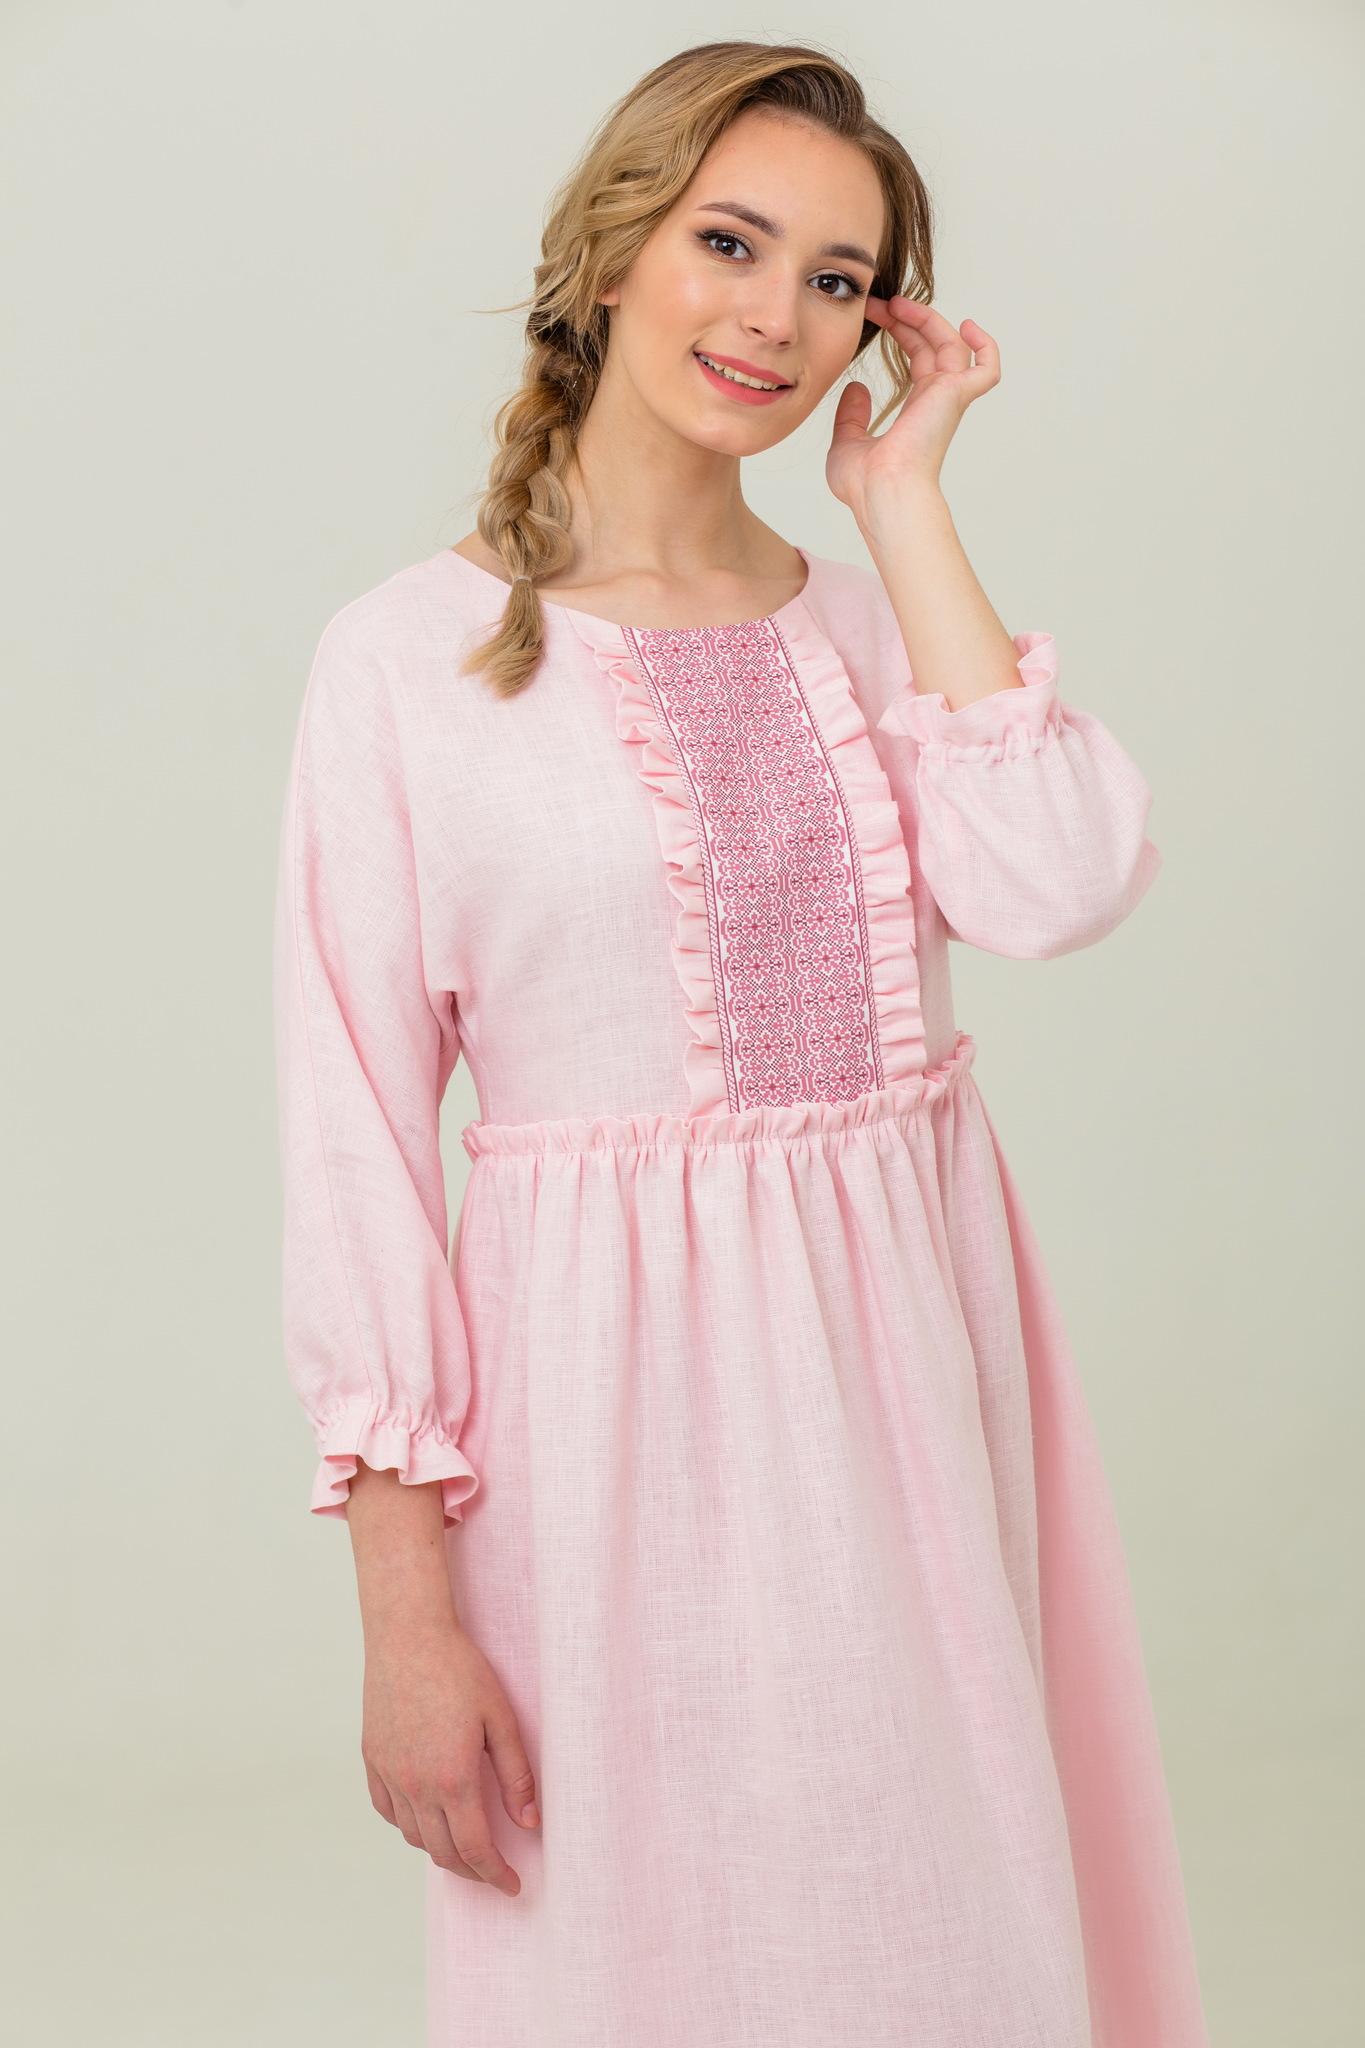 Льняное платье с обережным орнаментом Цветущий шиповник